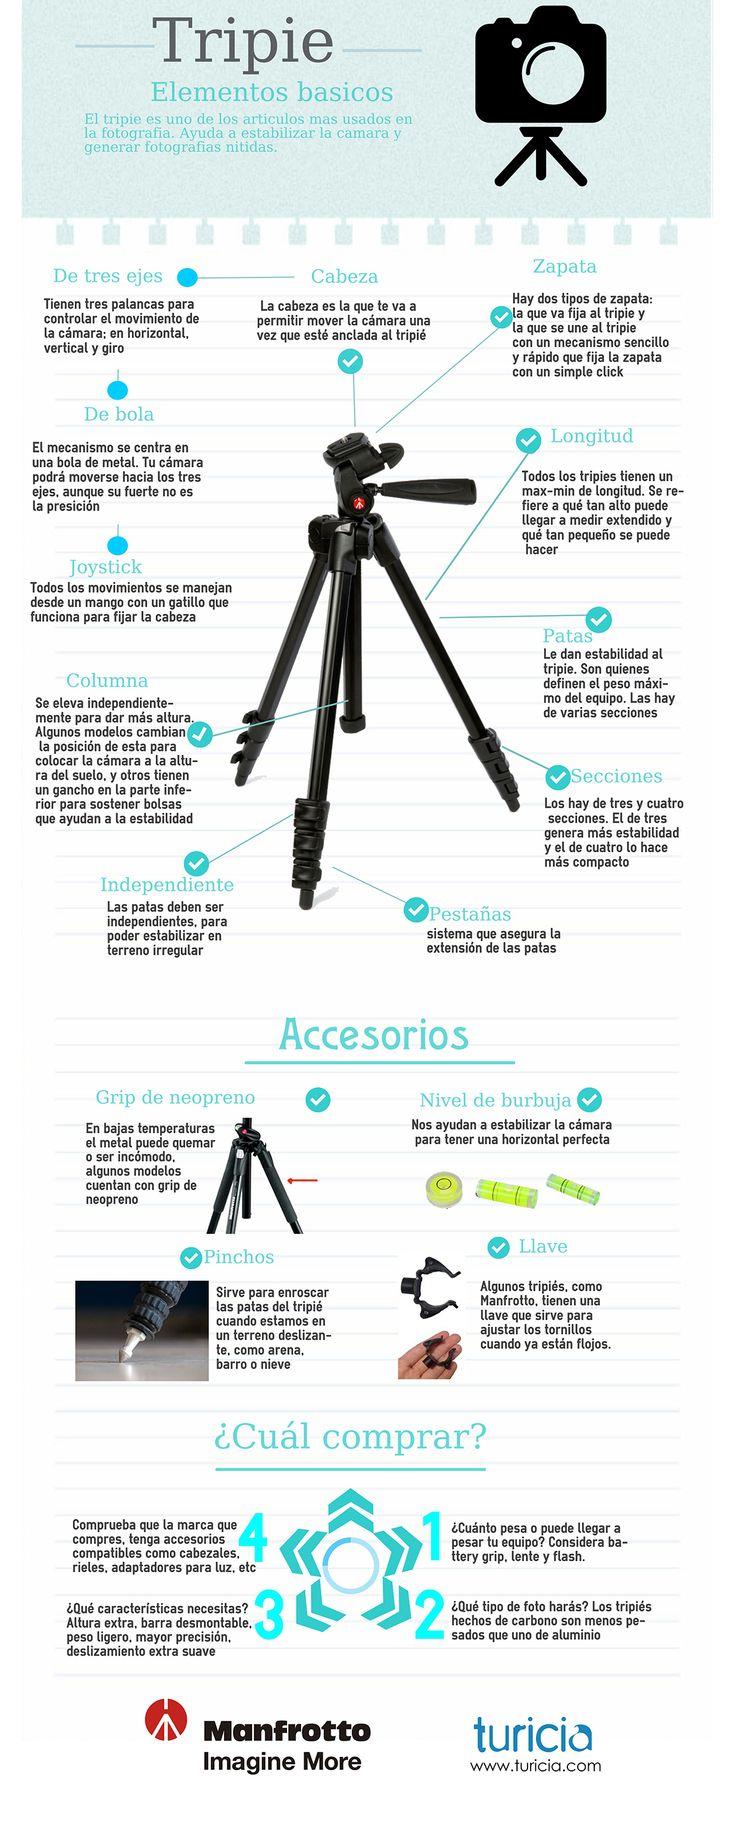 Turicia.com | BLOG TURICIA | ¿Sabes cómo elegir un tripie? (Infografía) | Fotografia profesional, accesorios fotograficos y equipos de iluminacion para mayoristas en Mexico